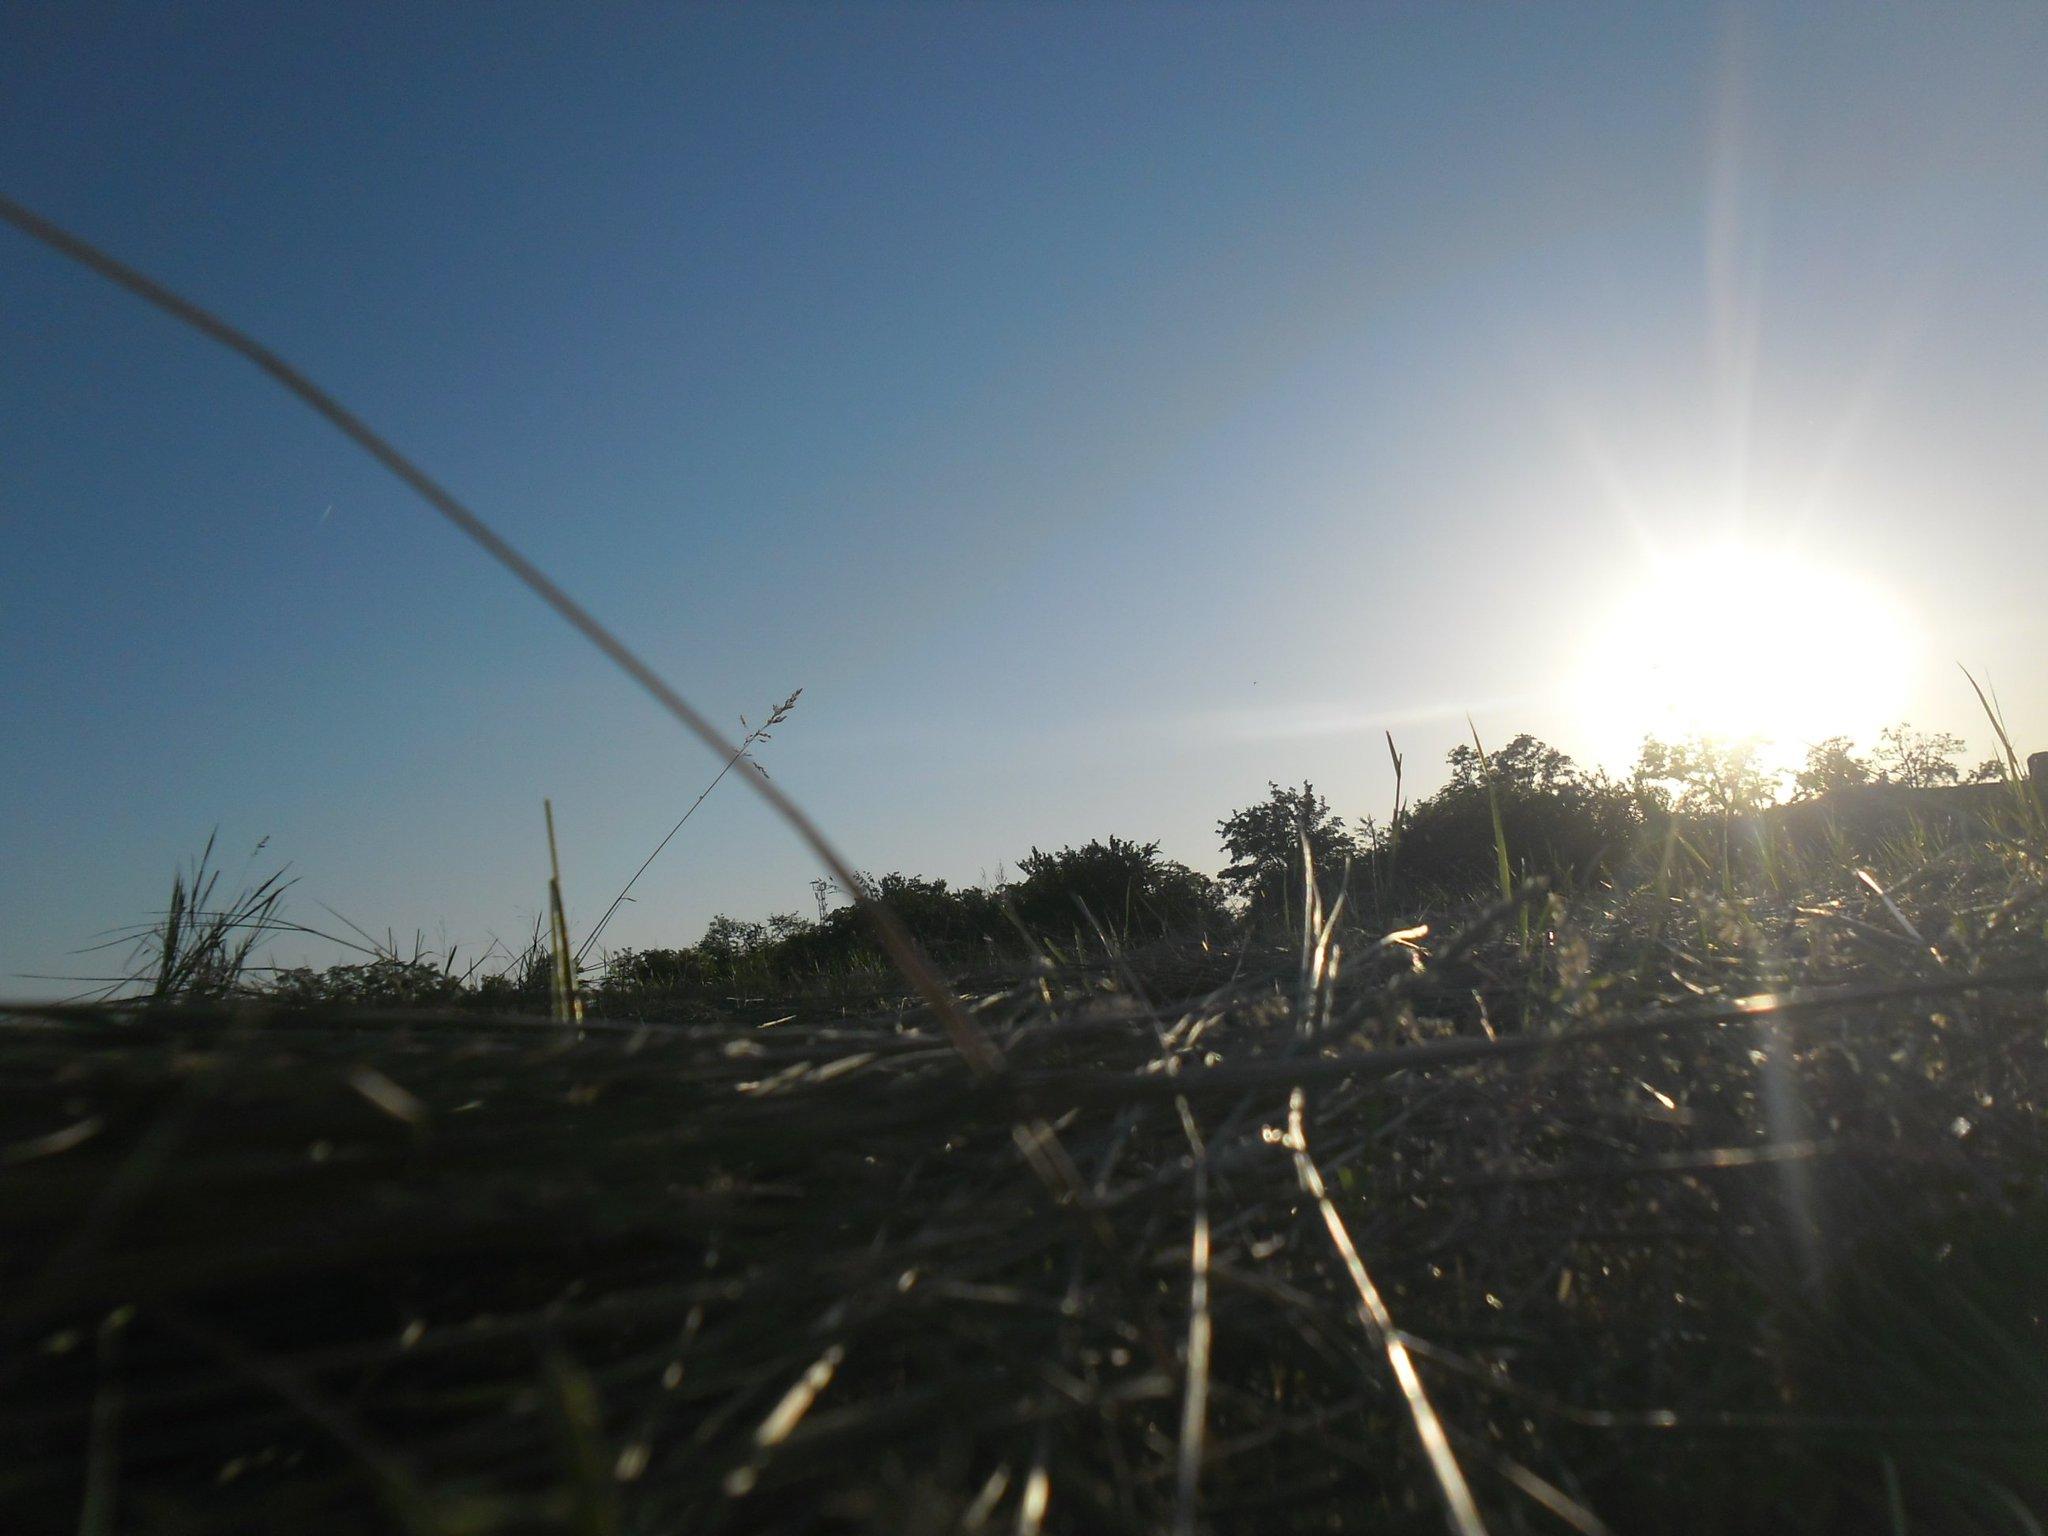 просто, выйти как сфотографировать солнце с лучами на зеркалку дроздов самых